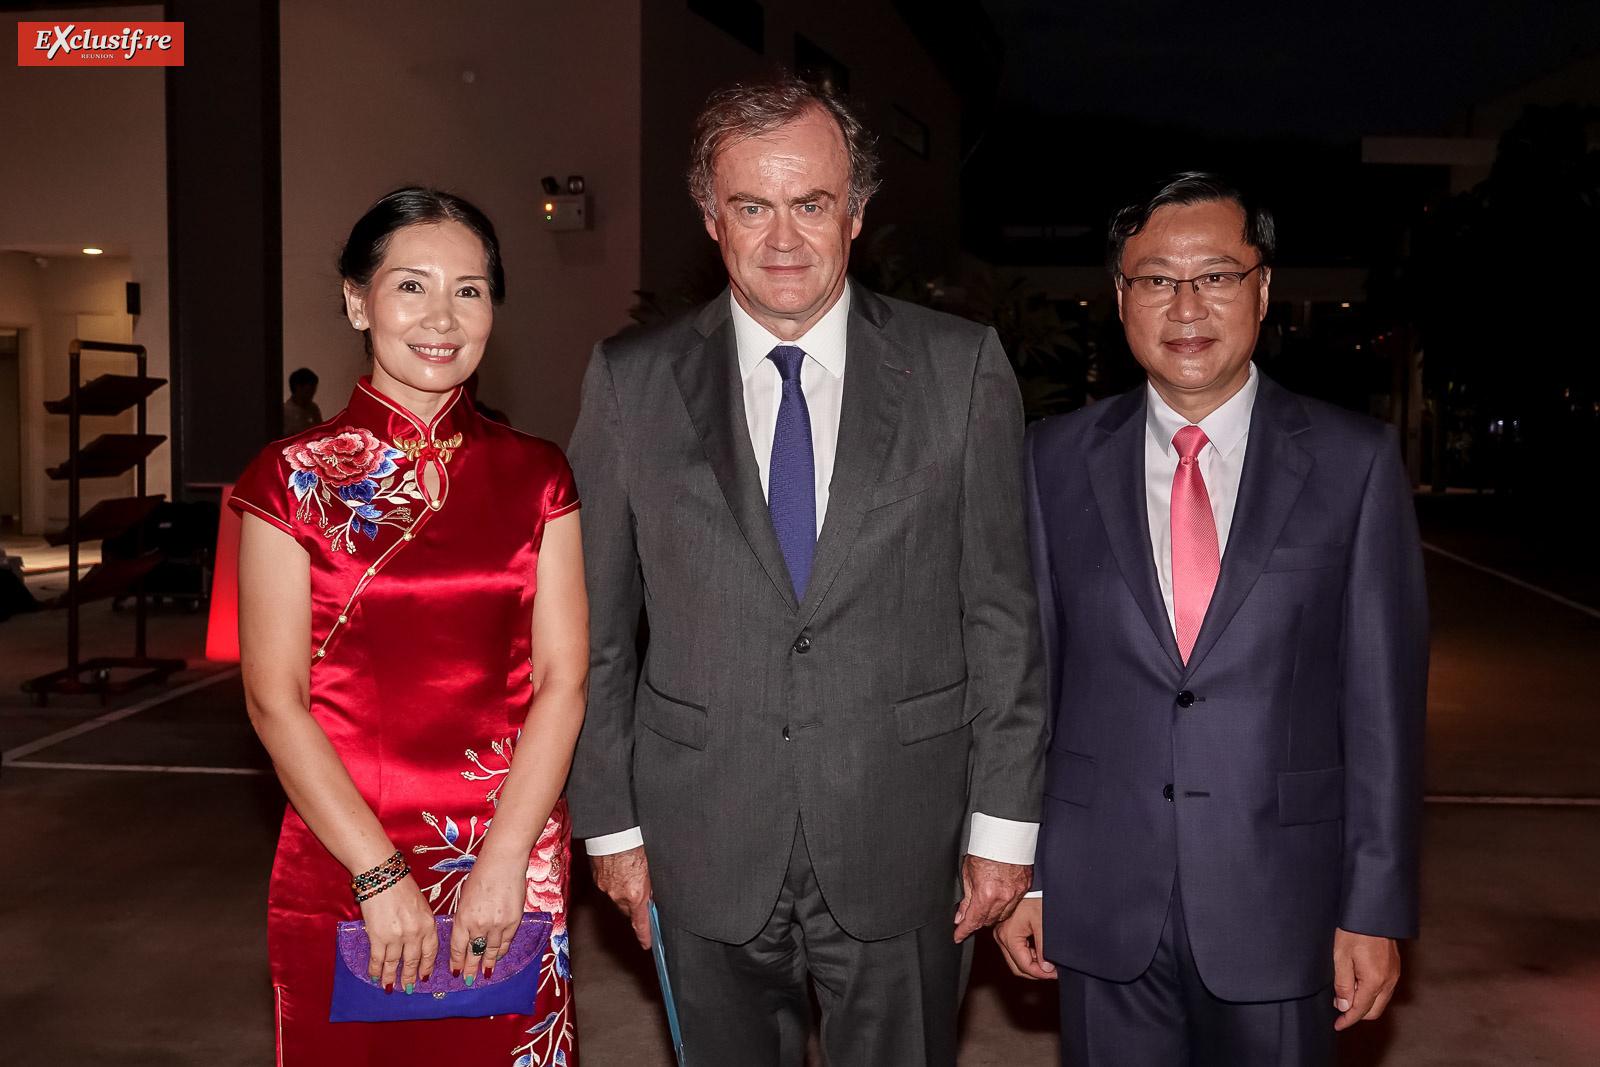 Dong Zhijiao, épouse de Chen Zhihong, Amaury de Saint-Quentin, Préfet de La Réunion, et Chen Zhihong, Consul Général de la République populaire de Chine à La Réunion